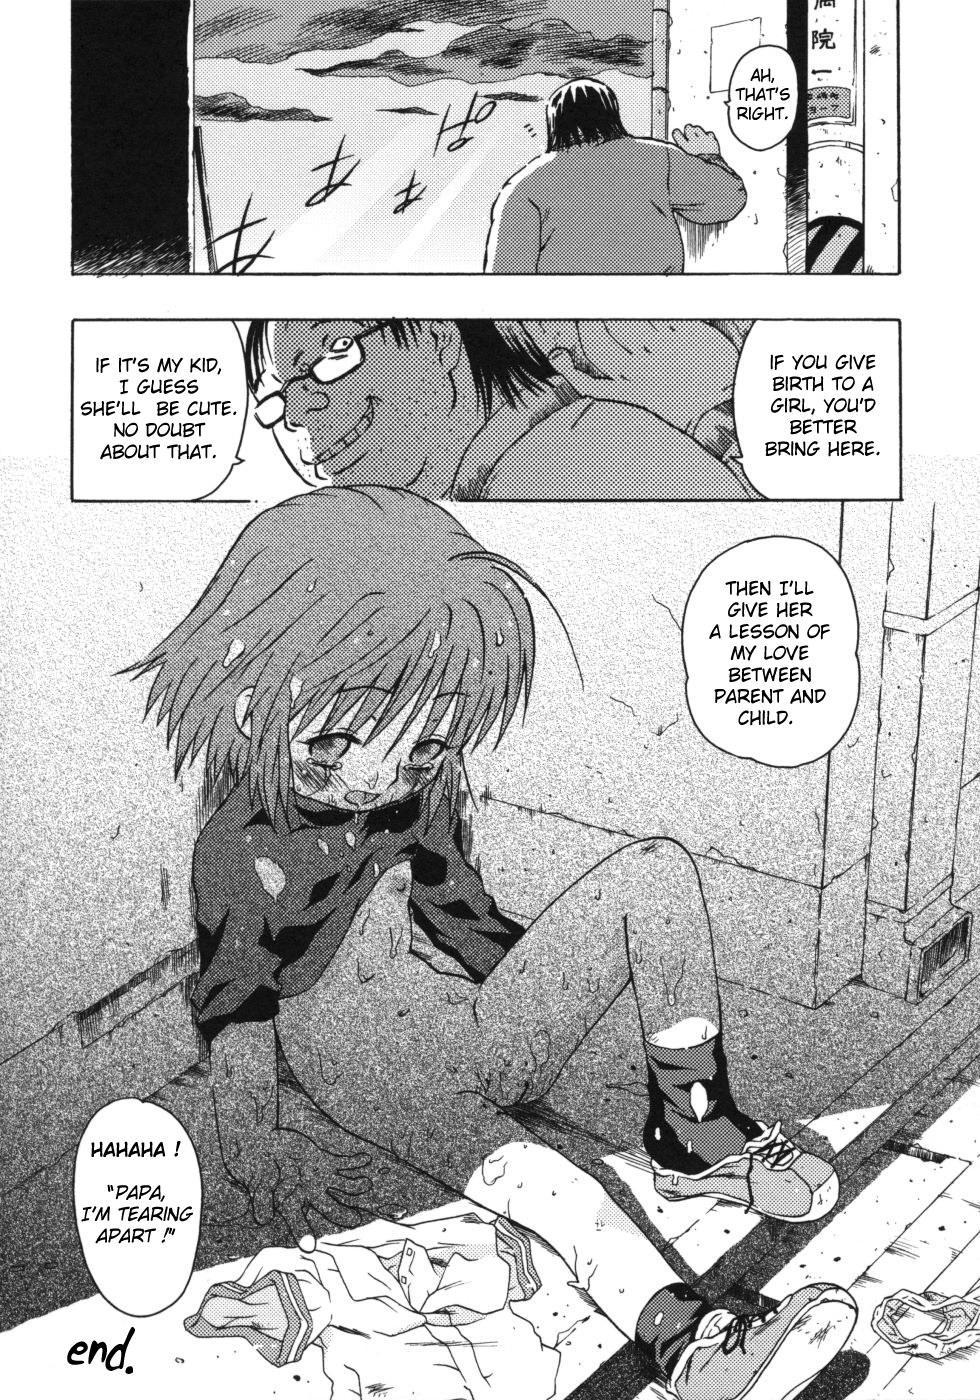 [China] Omorashi Riko-chan Ch.1-2+8 [English] 36